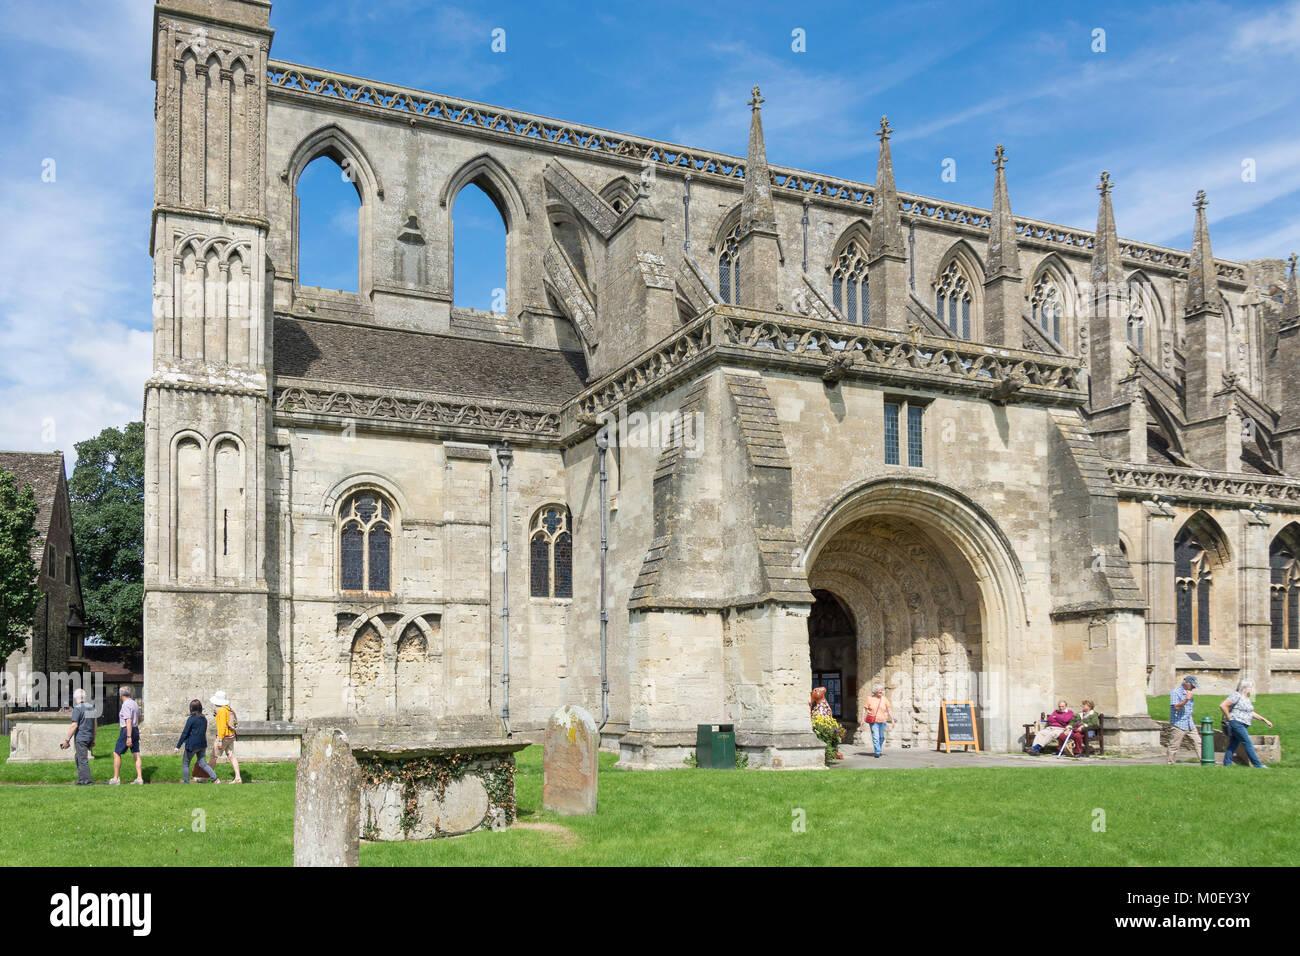 The South Porch, Malmesbury Abbey, Malmesbury, Wiltshire, England, United Kingdom - Stock Image